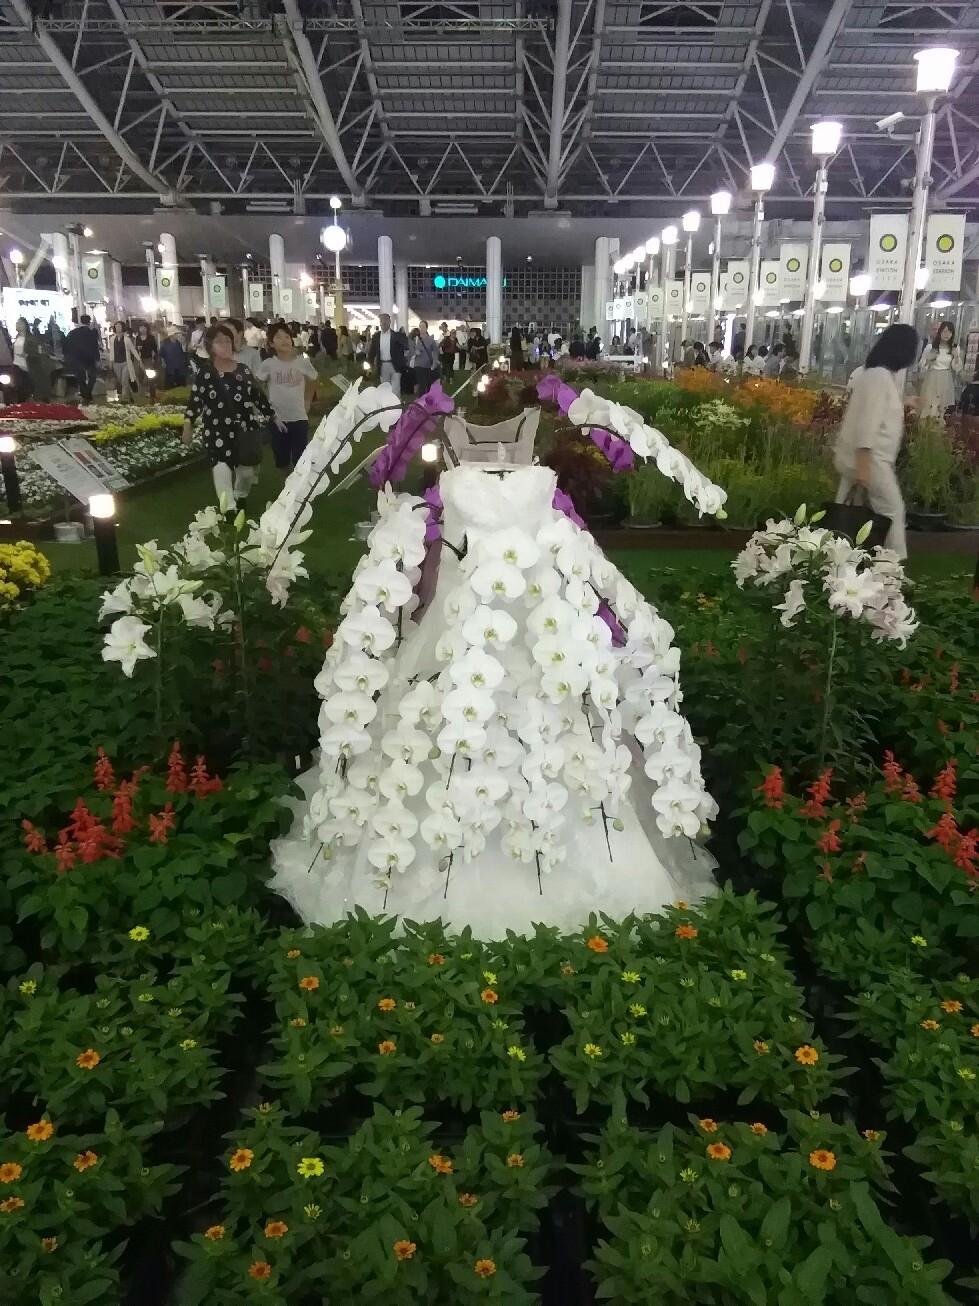 花やハロウィンの装飾がいっぱいの大阪駅でエレクトーン奏者によるエキコン~♪_a0004752_23204666.jpg